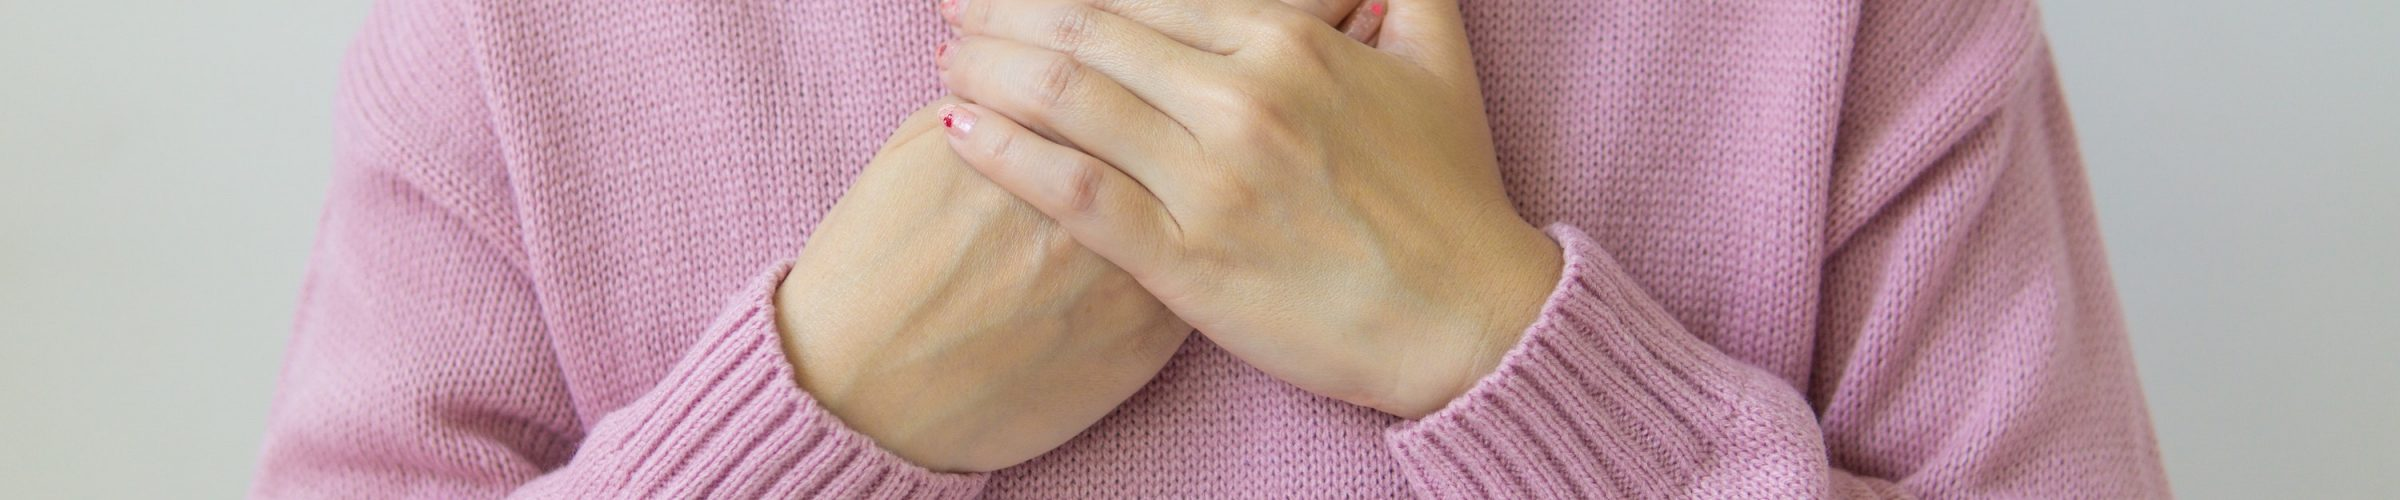 Rouwverwerking; geef het verdriet een plek | Eerlijke Uitvaarten